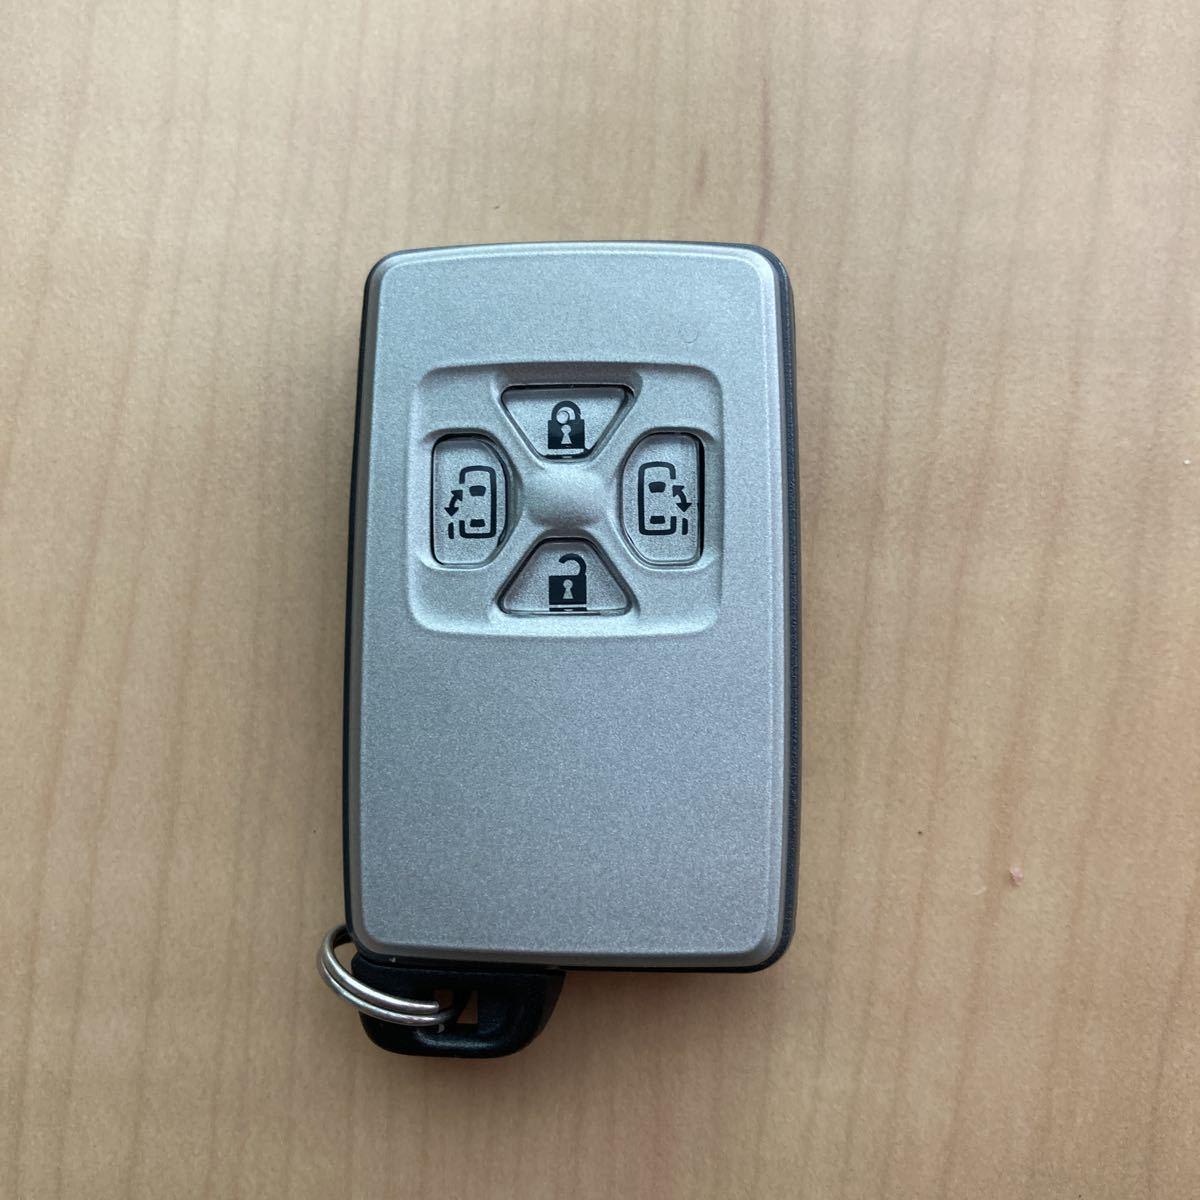 トヨタ アルファード ANH20 両側パワスラ キーレス スマートキー 鍵_画像1